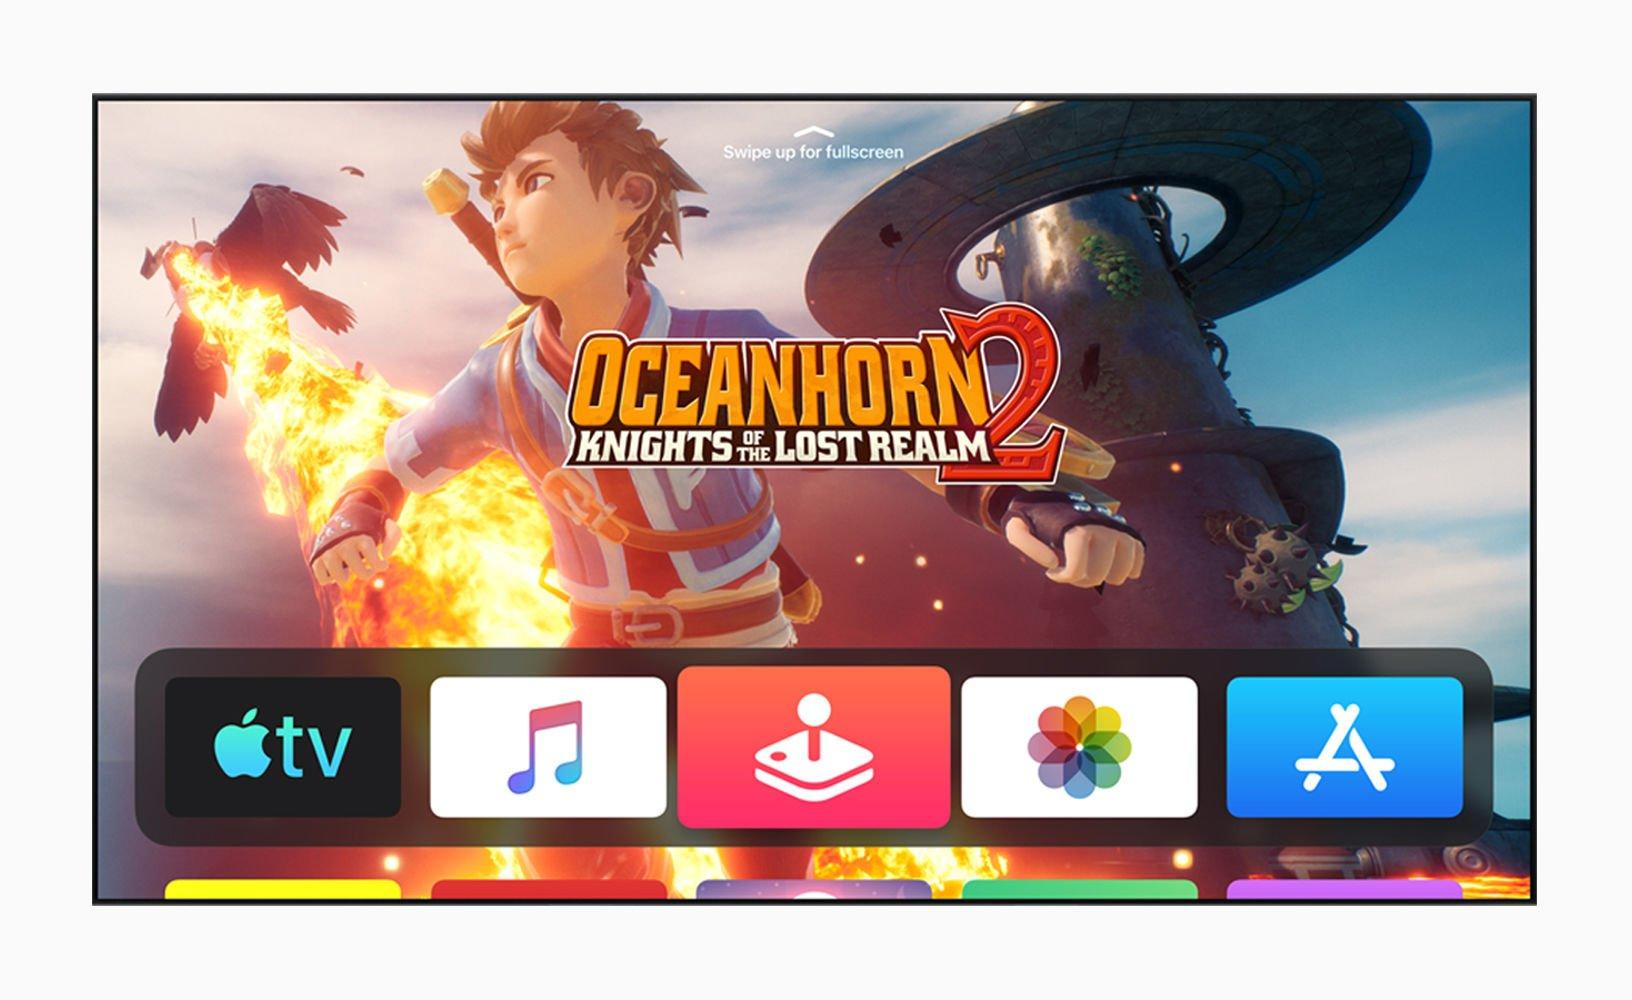 Cómo instalar tvOS 13 beta en Apple TV: Oceanhorn